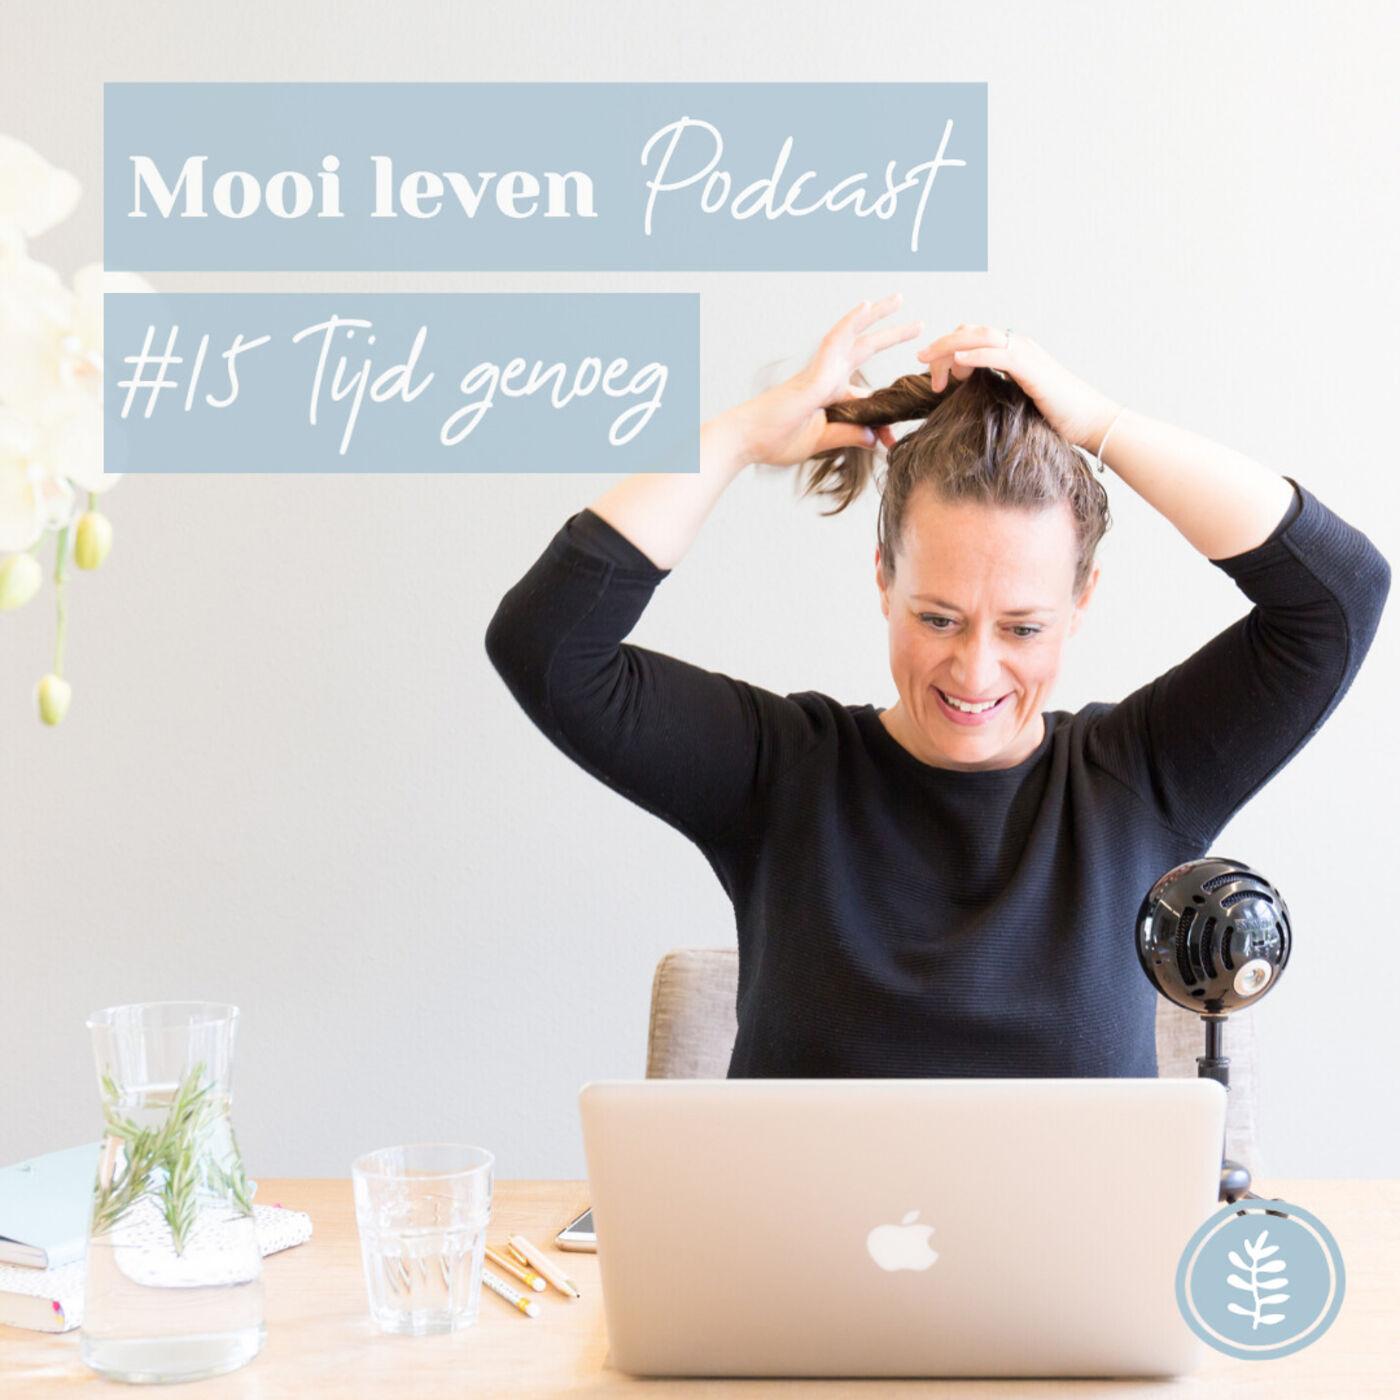 Mooi Leven Podcast #15 | Tijd genoeg